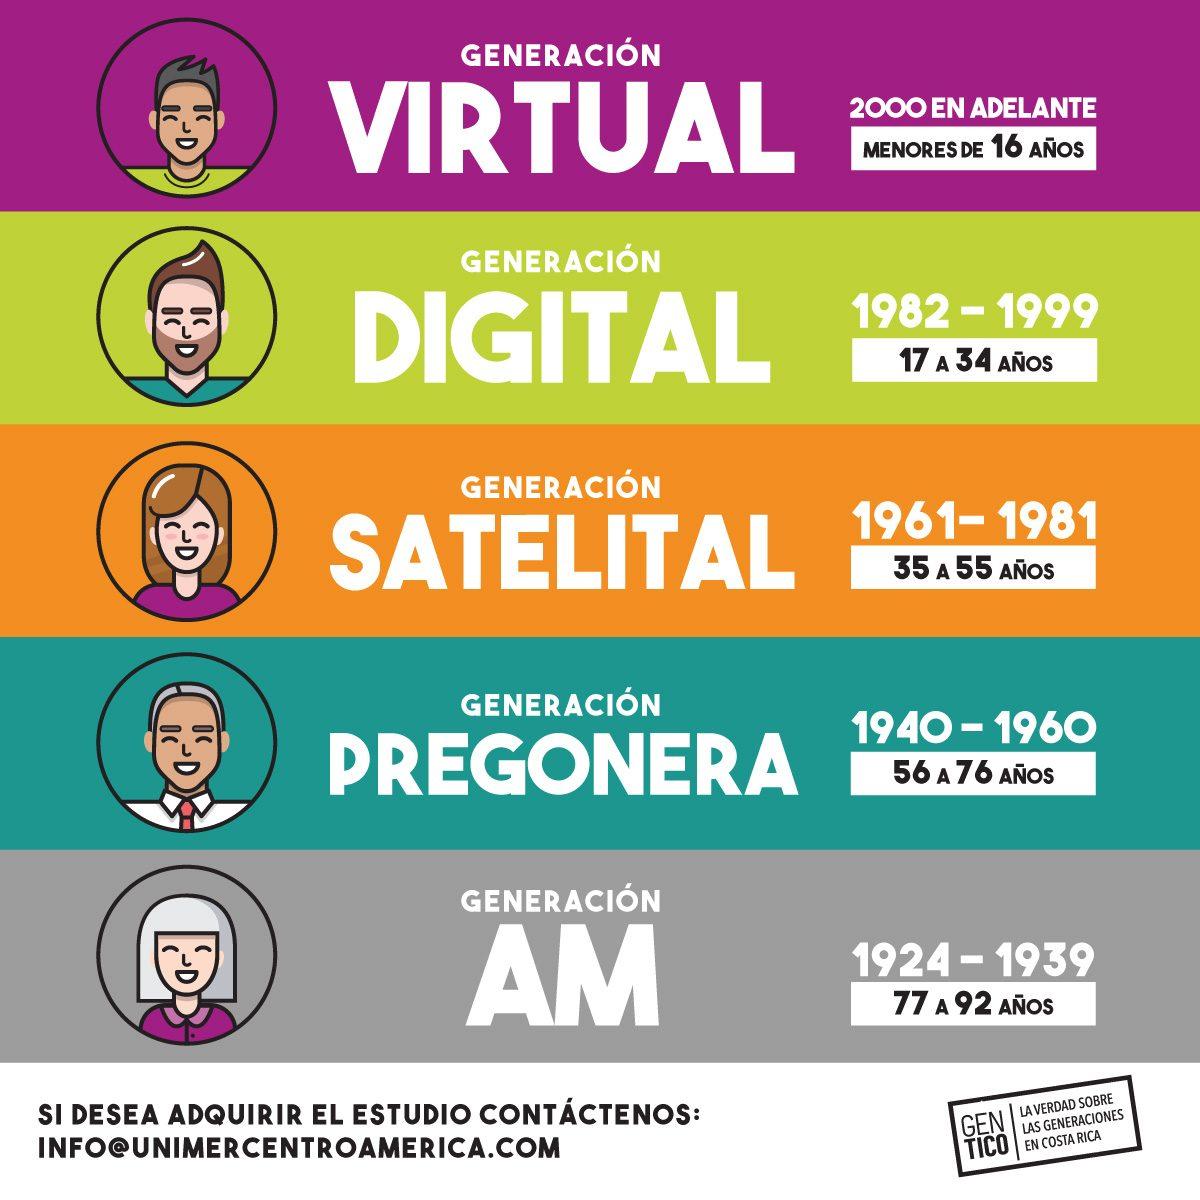 Costa Rica cuenta con su propio estudio de generaciones – El blog de ...